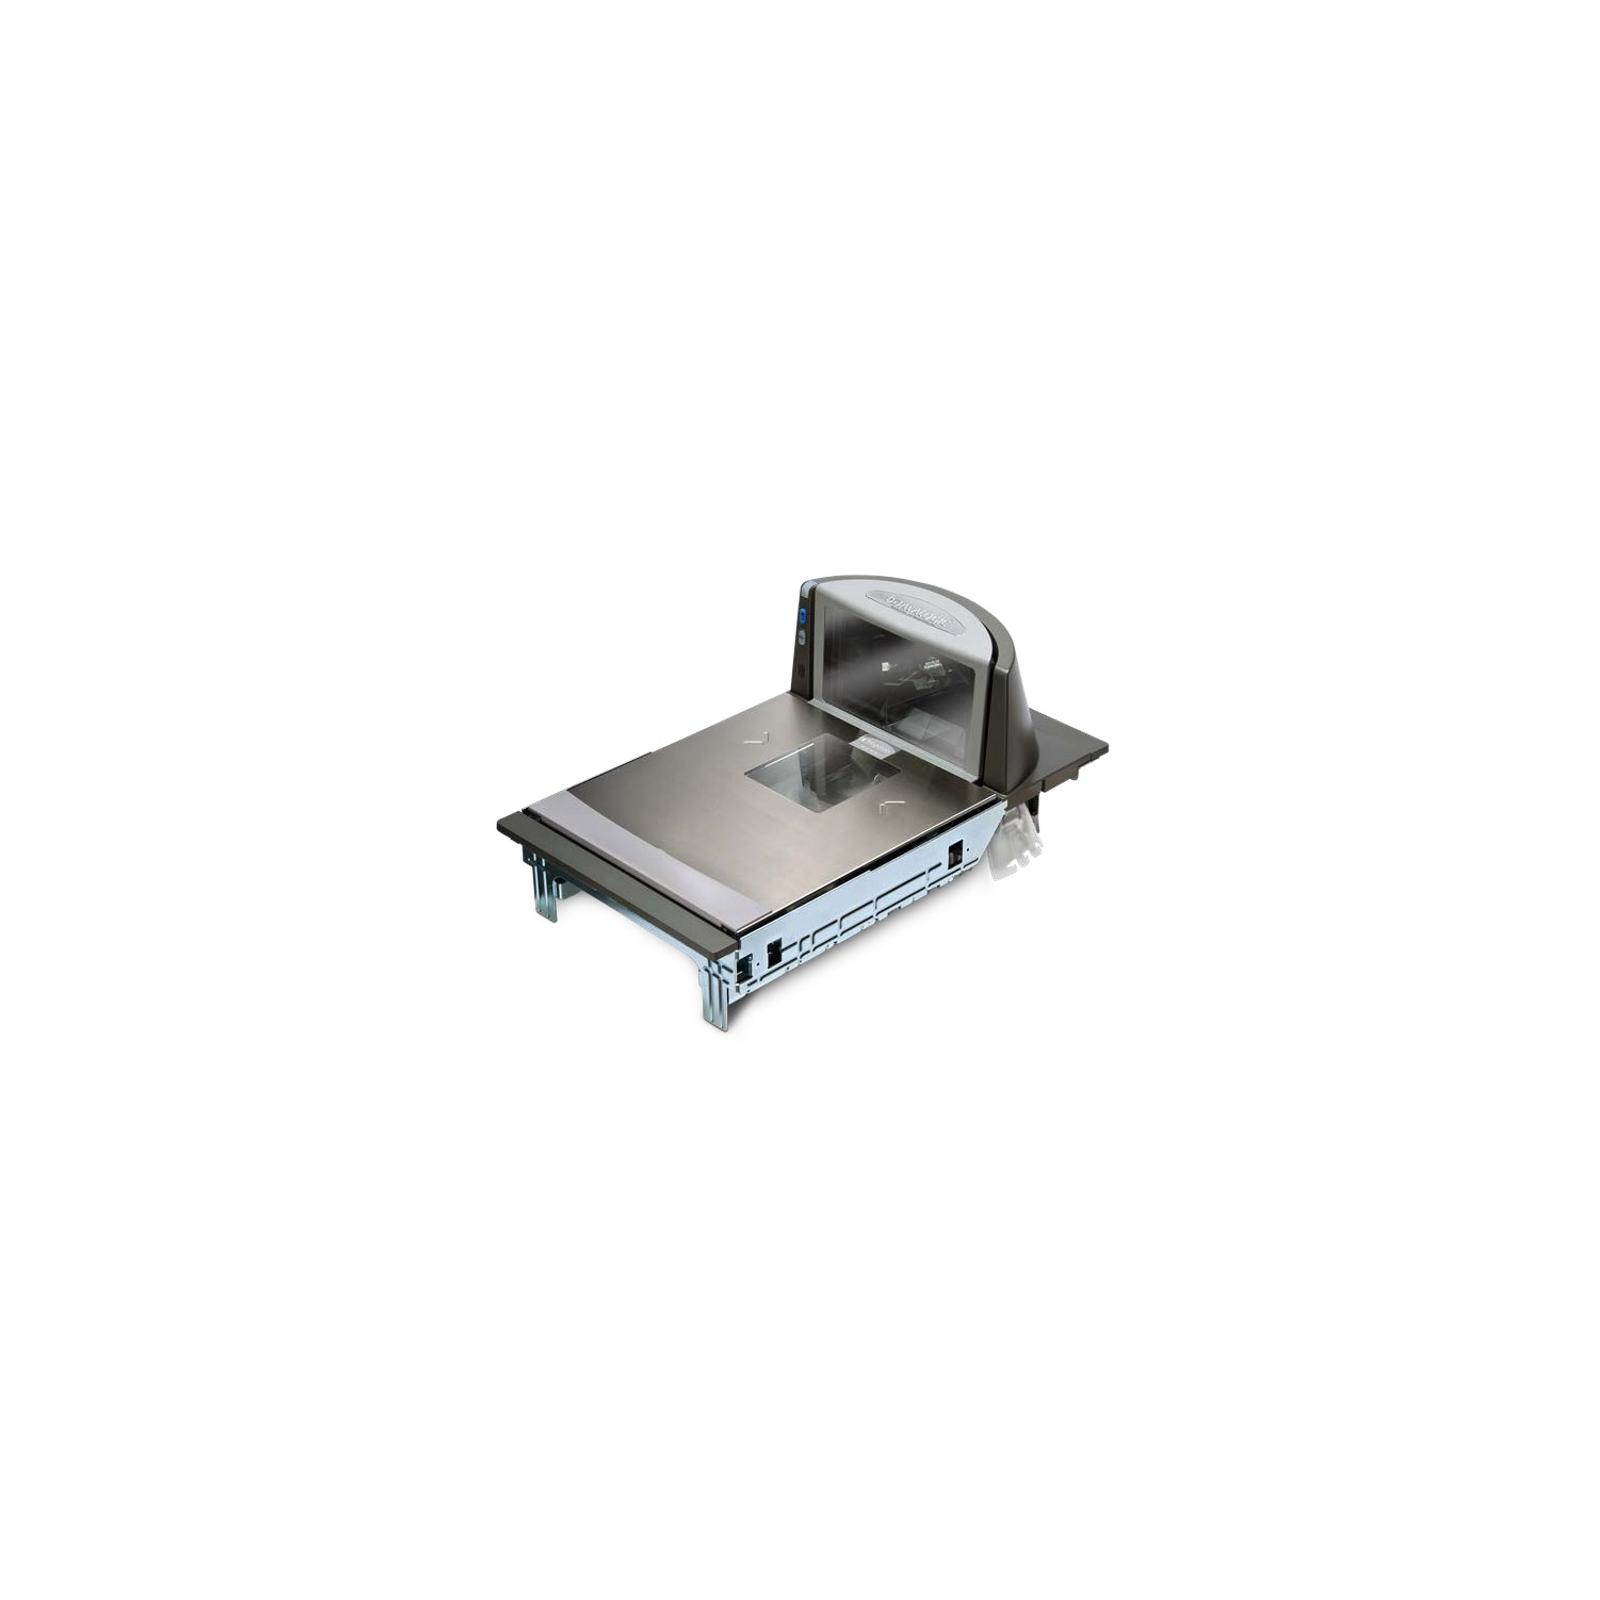 Сканер штрих-кода Datalogic Magellan 8300 medium LLT (4030103023)